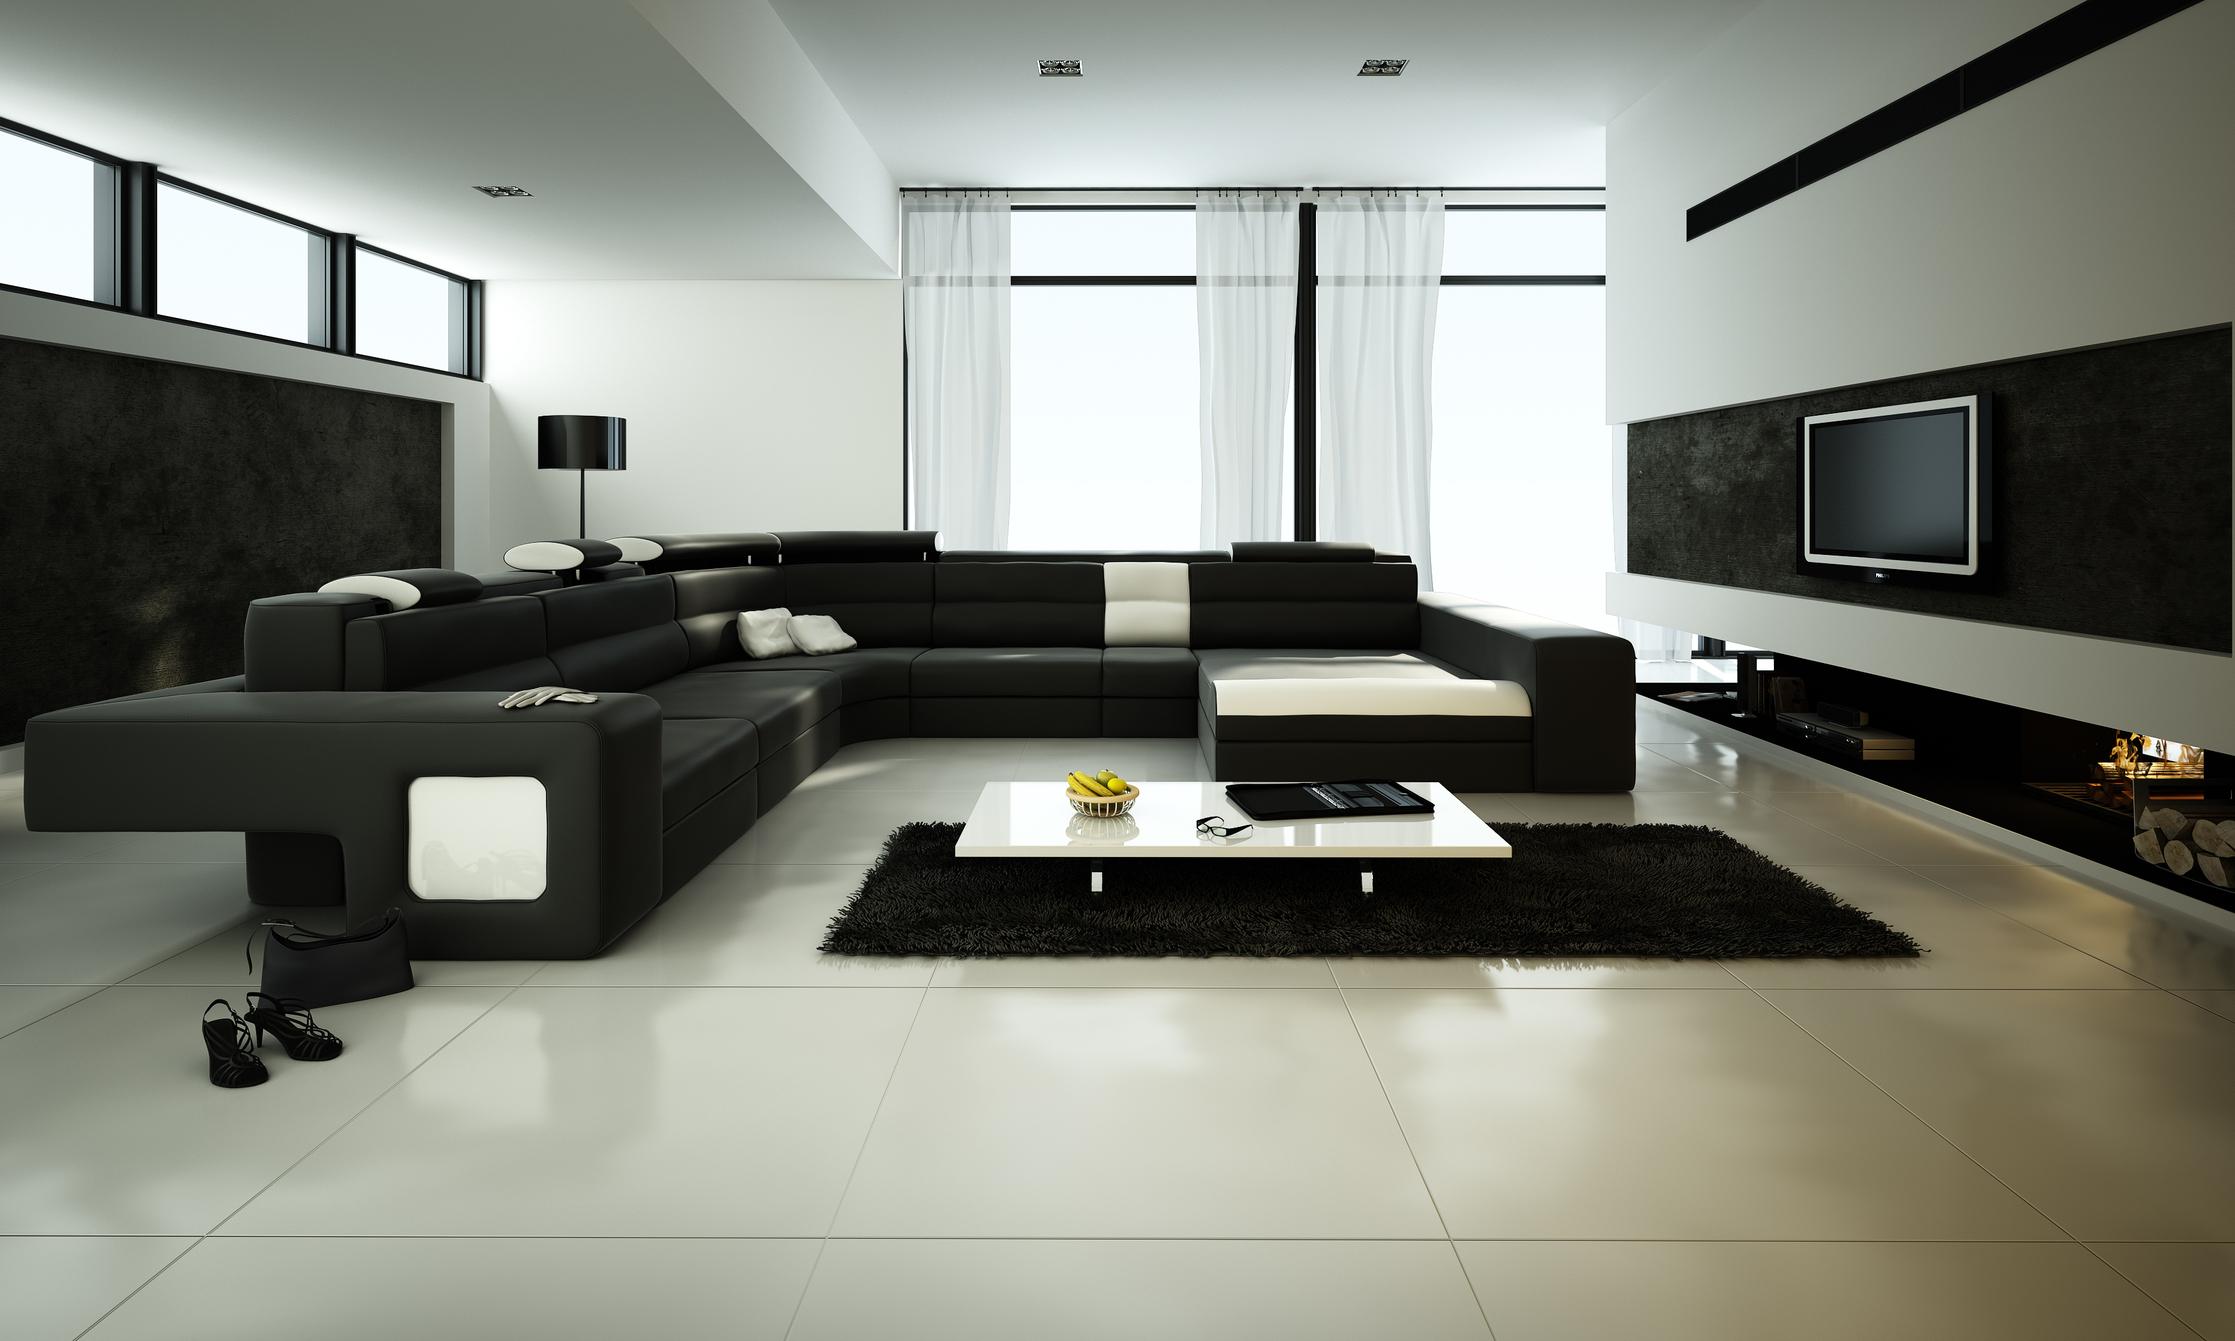 Fundamenta – Otthonok és megoldások Minimál fekete nappali - Fundamenta - Otthonok és megoldások